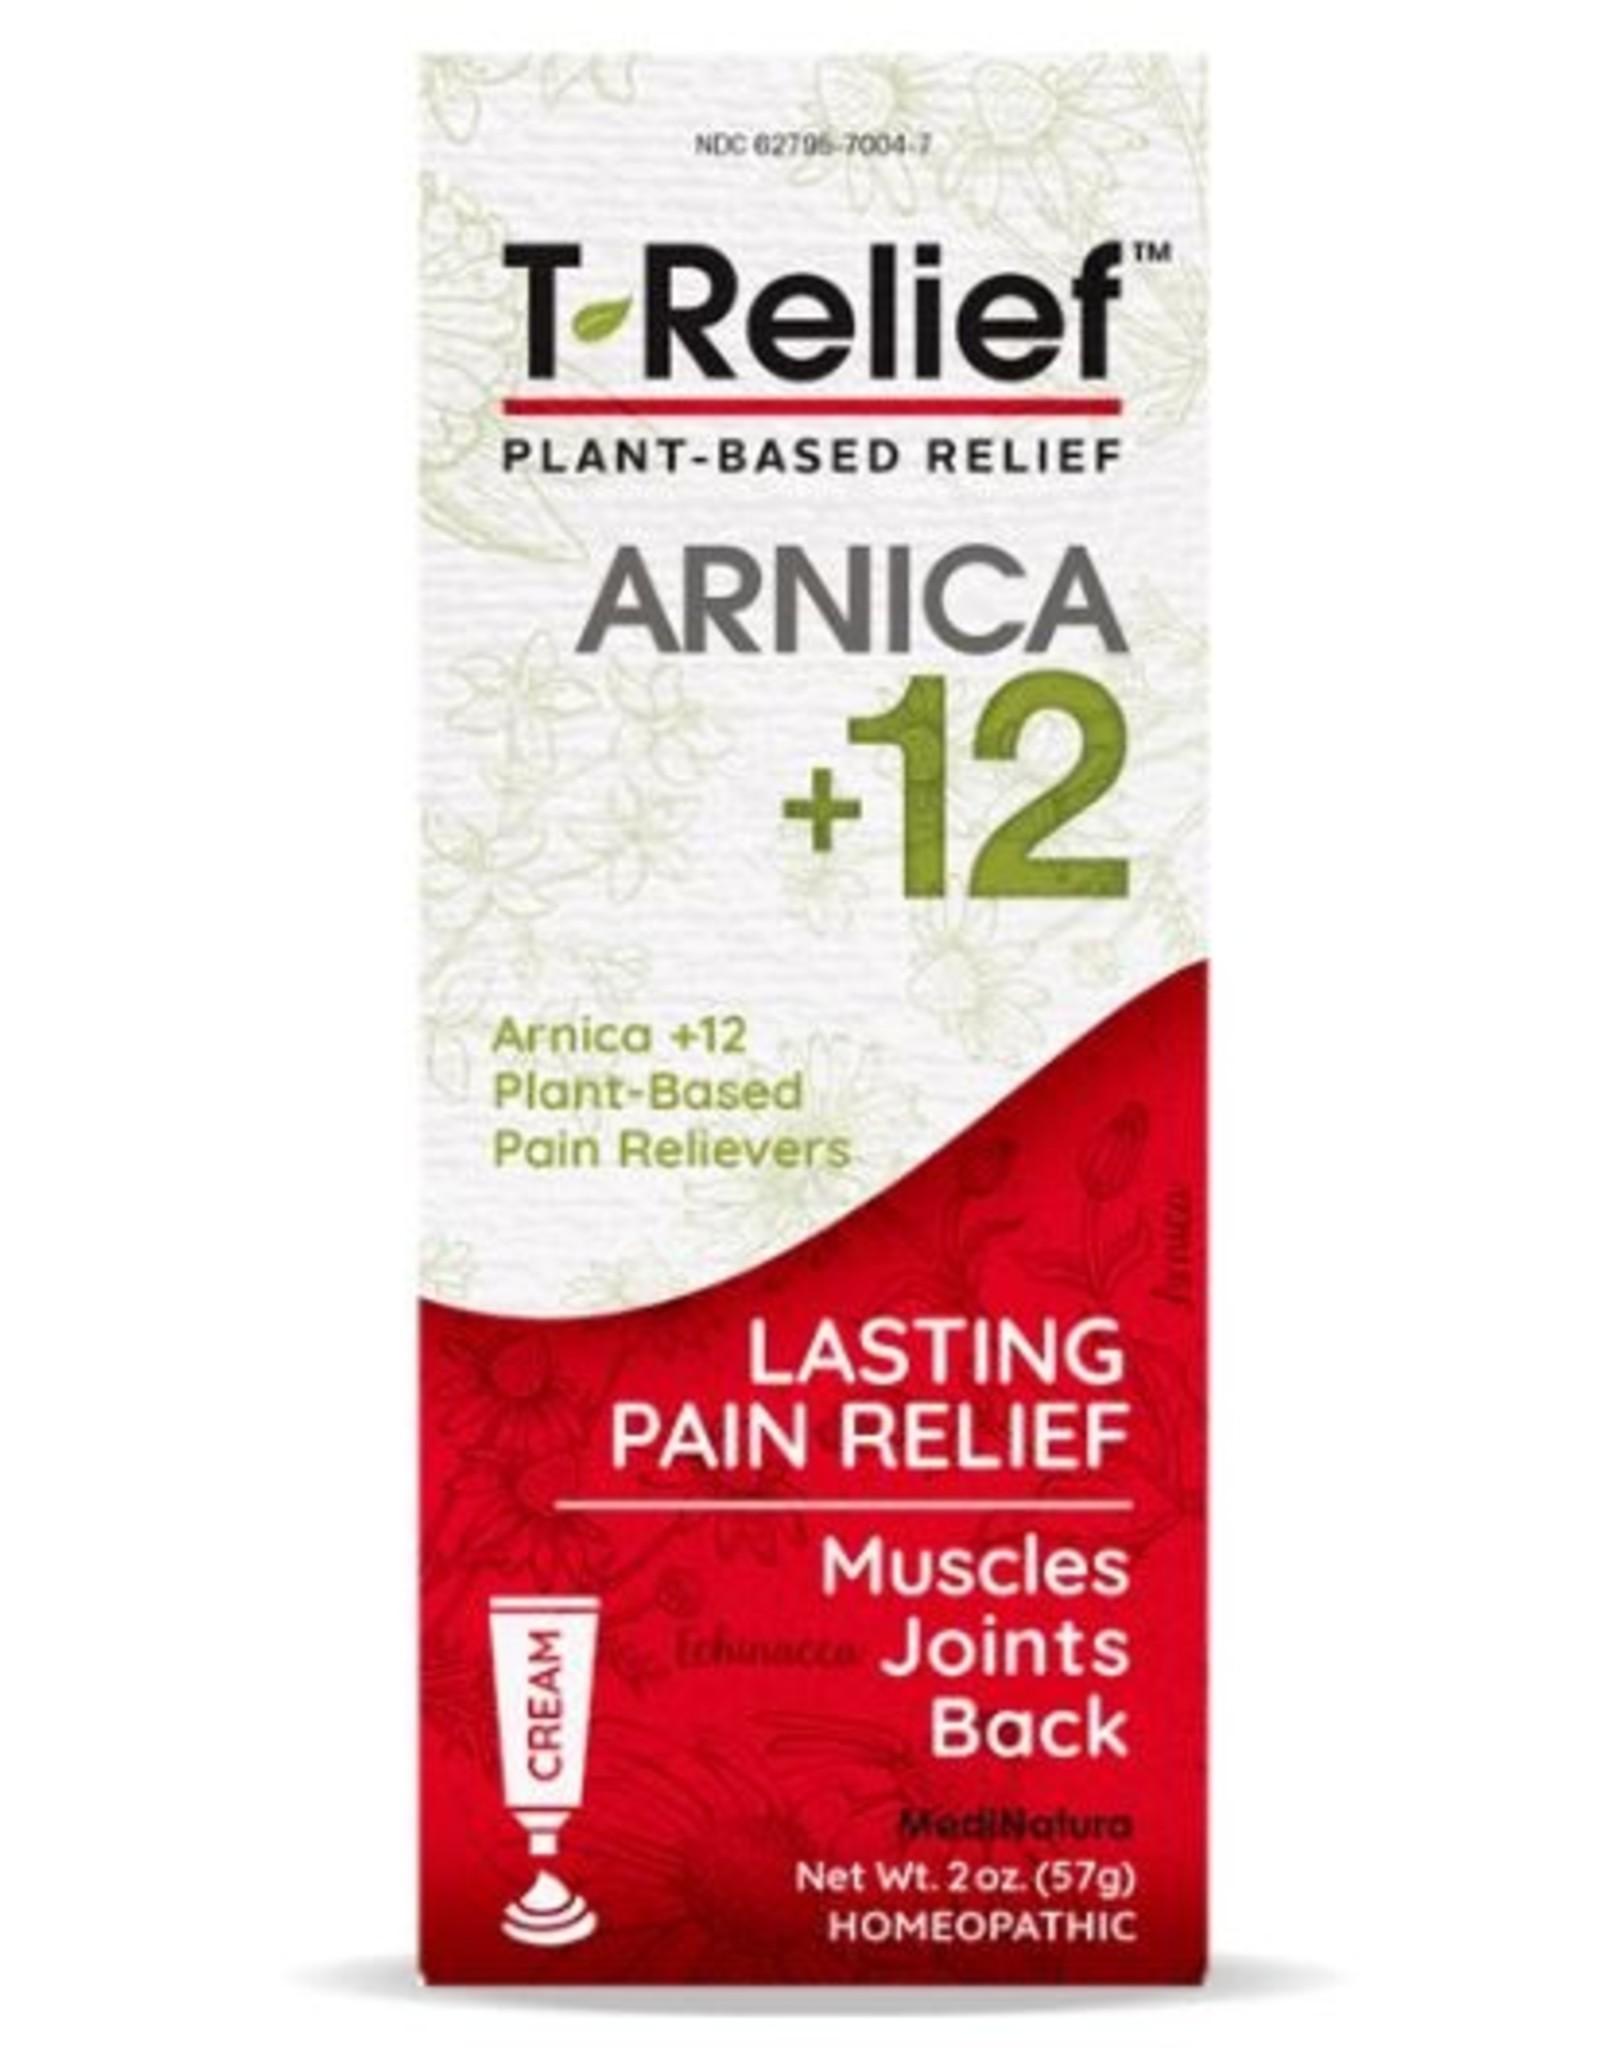 MediNatura T-Relief Pain Relief Cream (2oz)